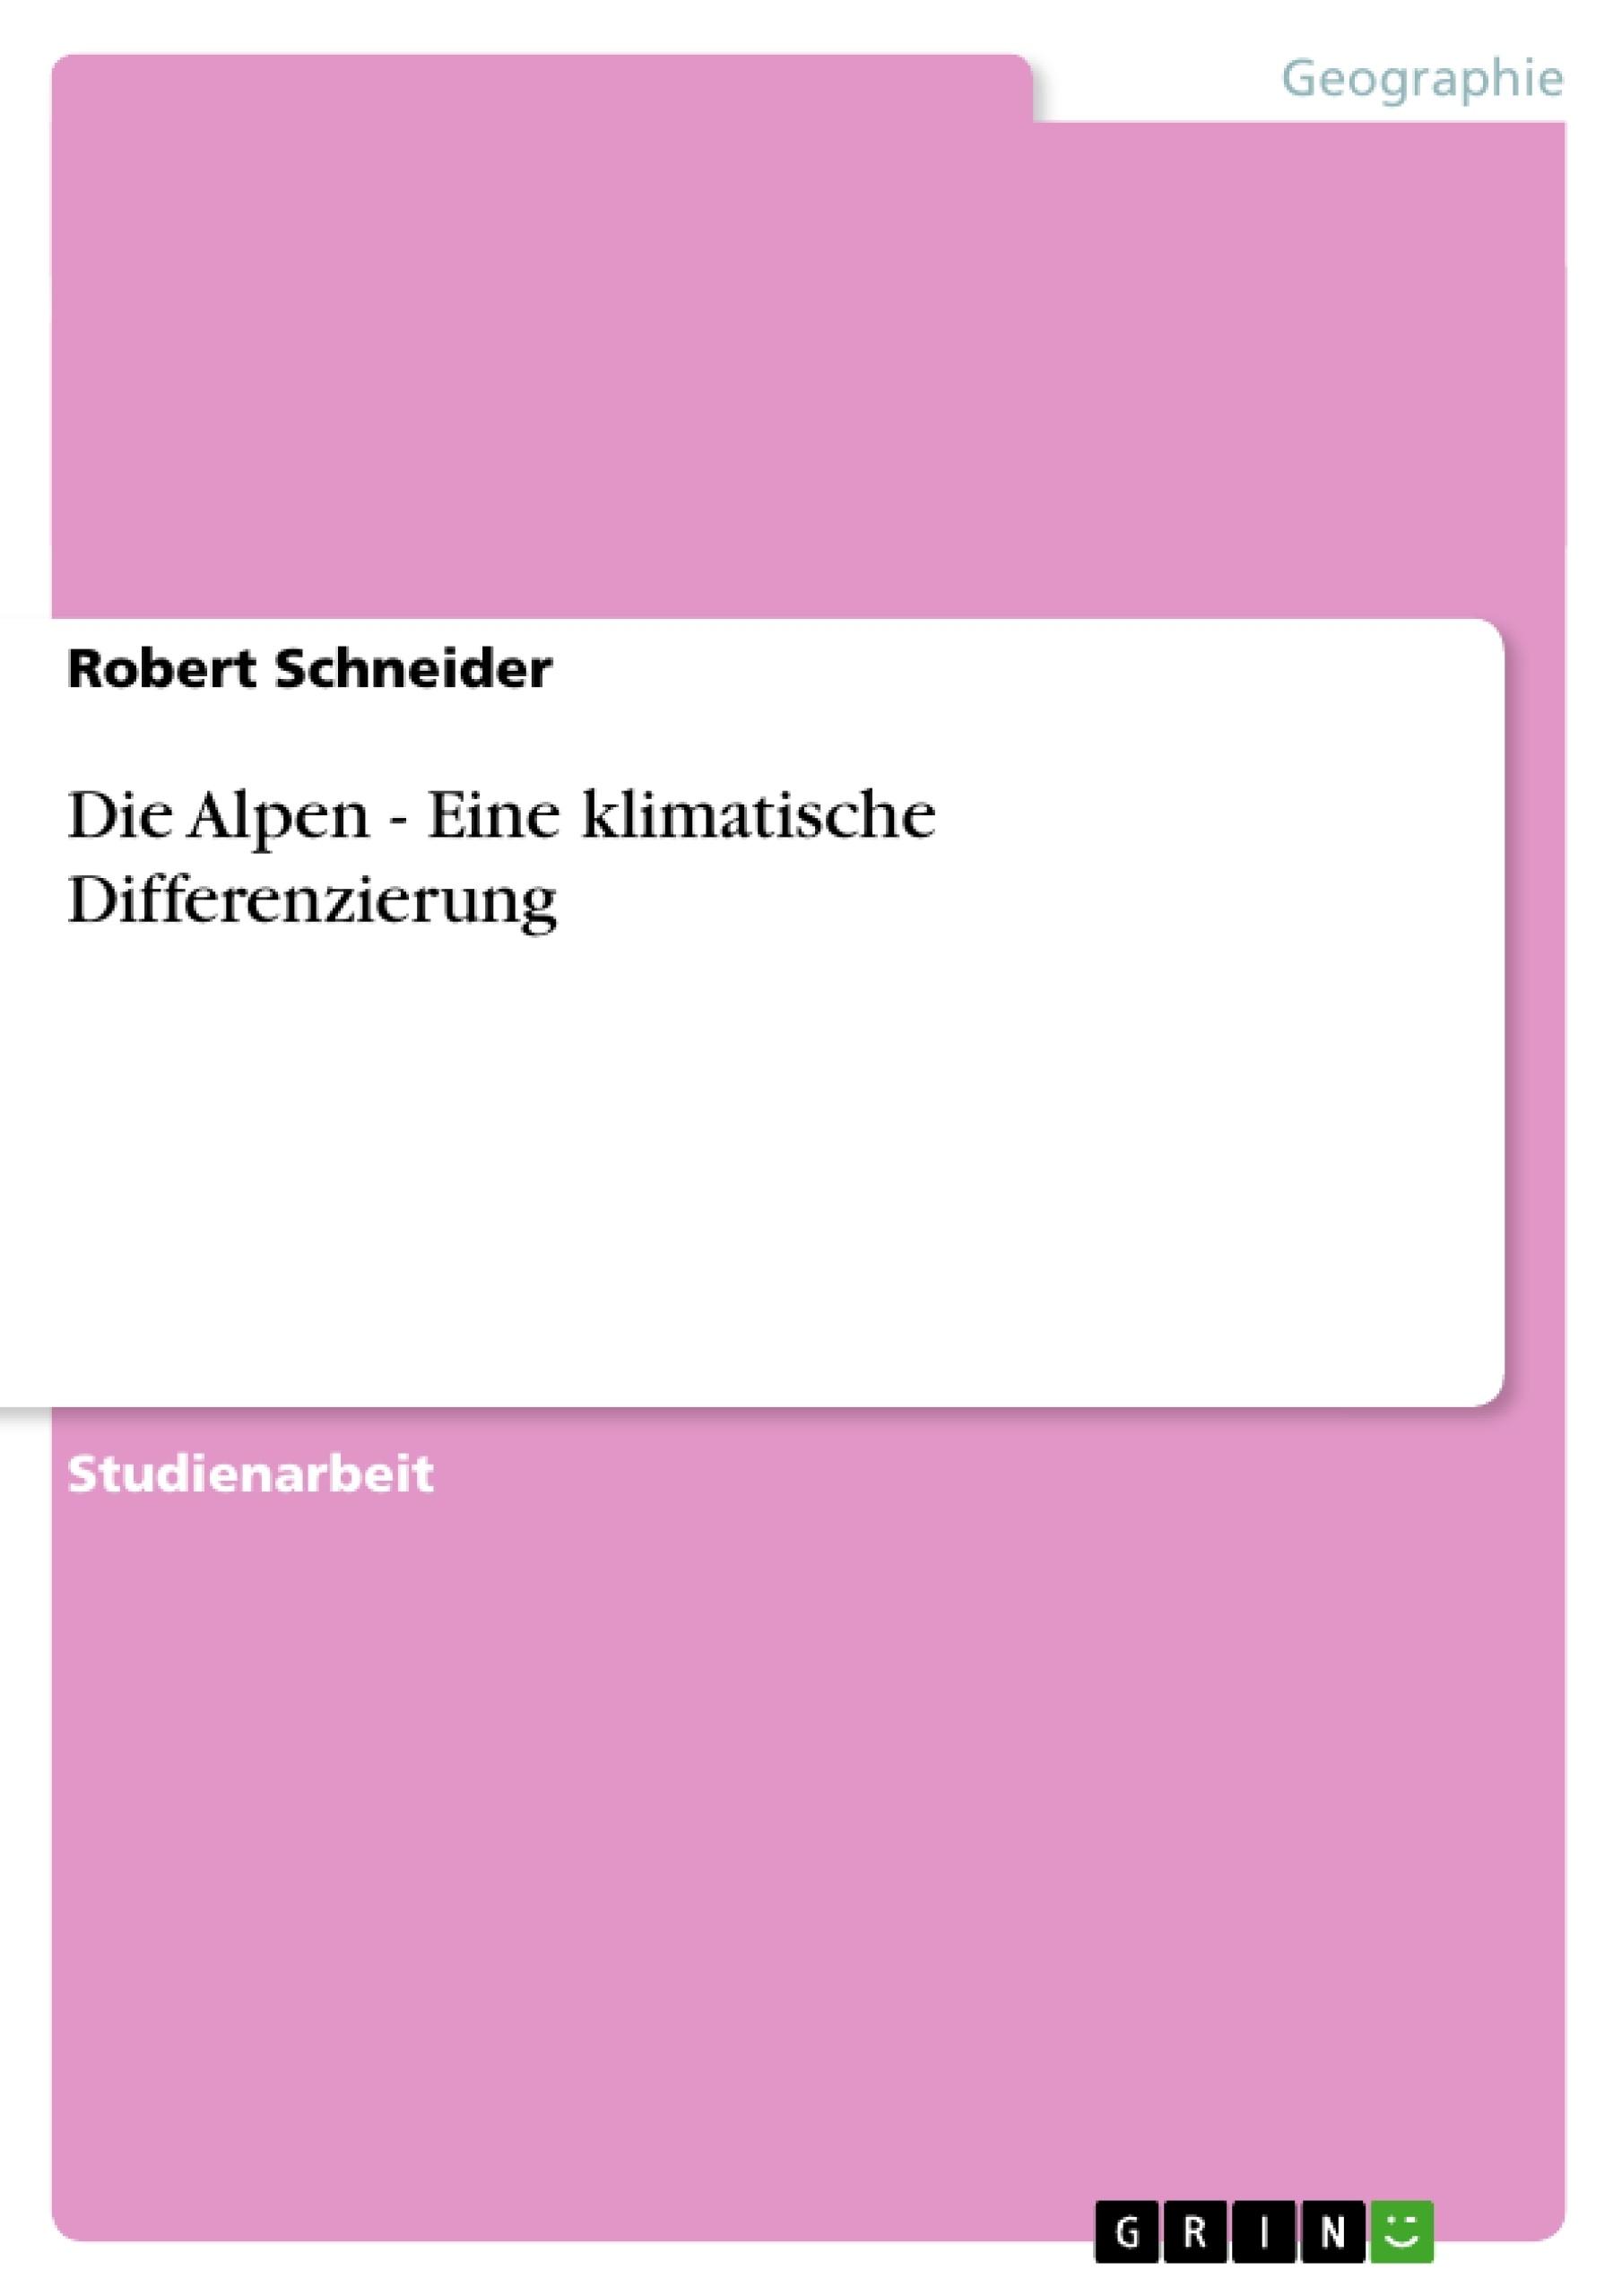 Titel: Die Alpen - Eine klimatische Differenzierung